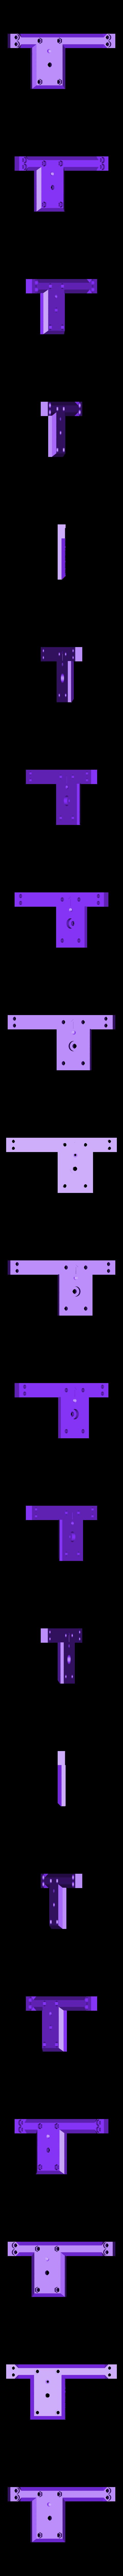 Ep_Barre_Basse.stl Download STL file Shoulder pad for DSLR type GH4, 5D • 3D print design, Smile